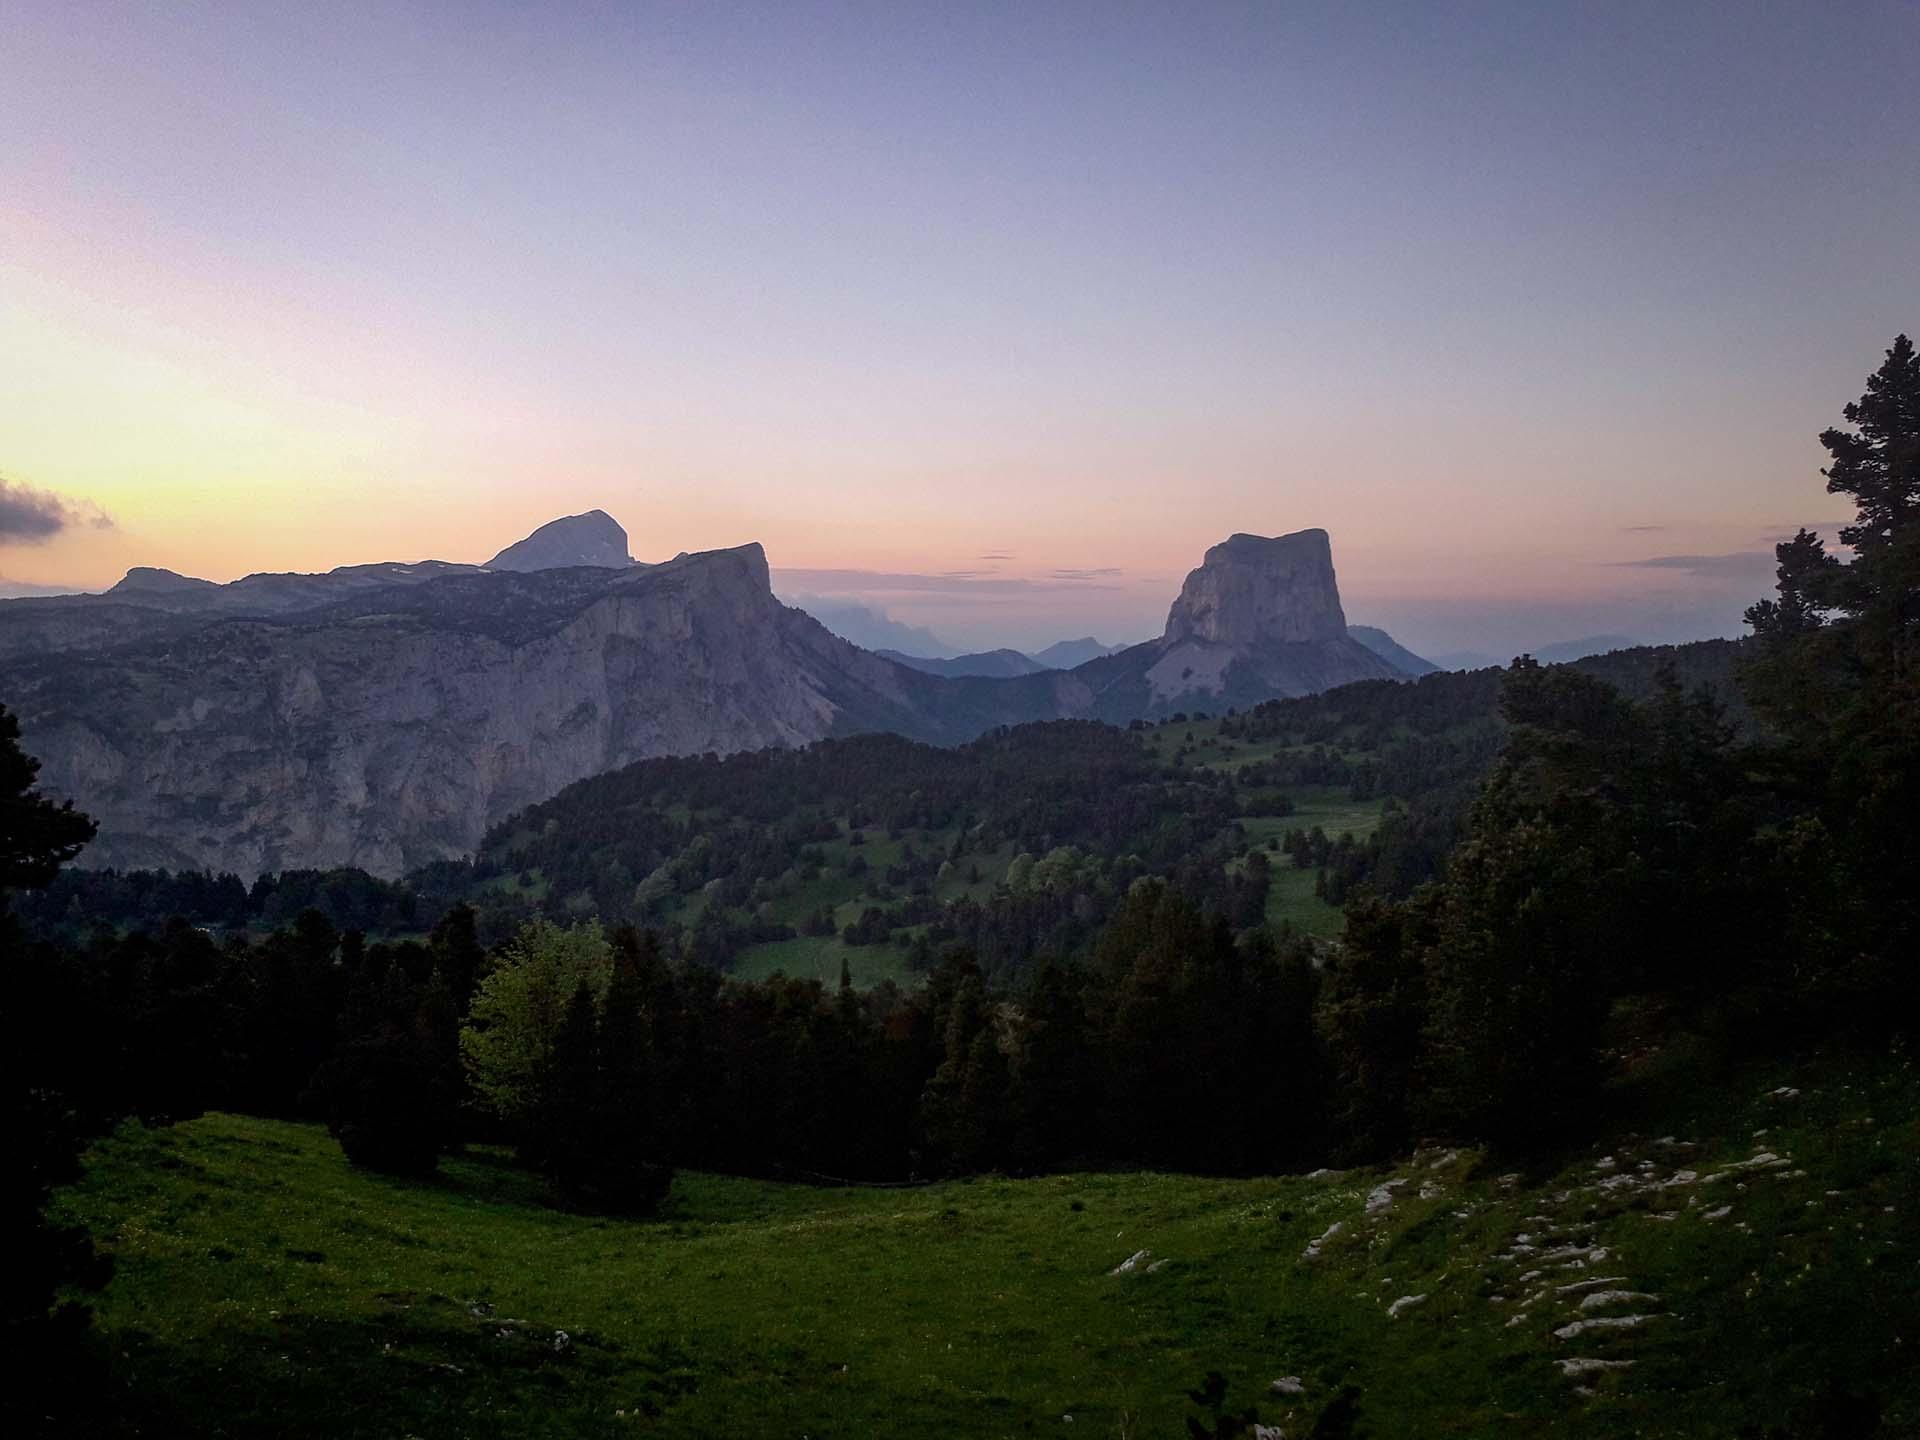 Slow Rando Sejour Liberte Decouverte Bivouac Hauts Plateaux Vercors Mont Aiguille Couhcer Soleil